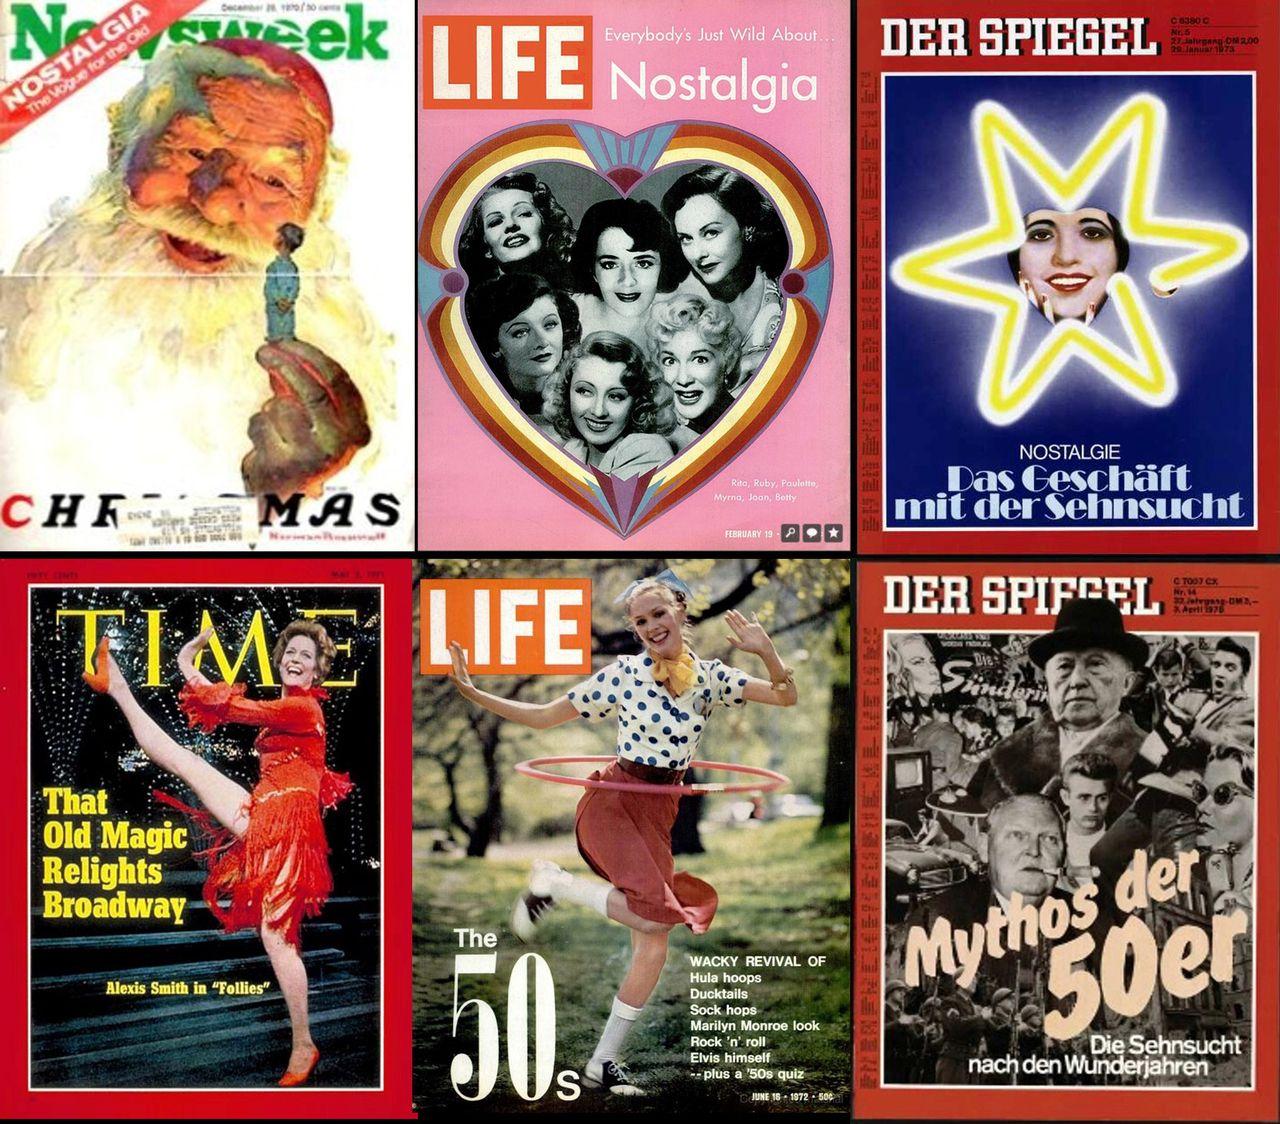 Titelgeschichten über Nostalgie, unter anderem im »Spiegel« vom 29. Januar 1973 (rechts oben): »Nostalgie. Das Geschäft mit der Sehnsucht«